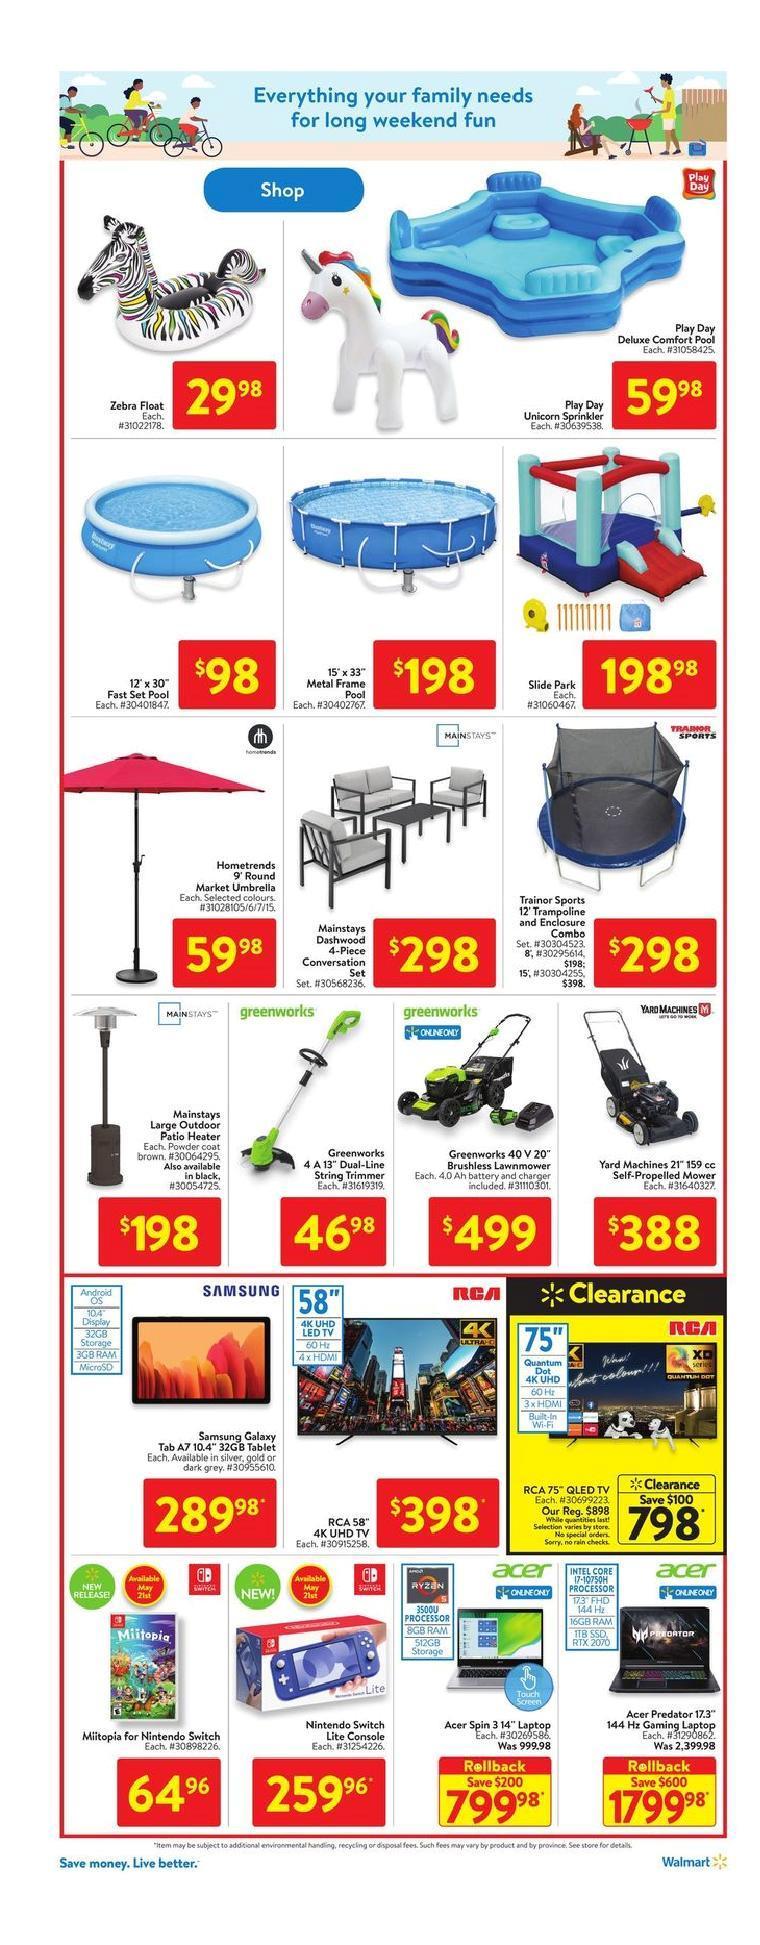 17 Walmart Supercentre Flyer May 20 May 26 2021